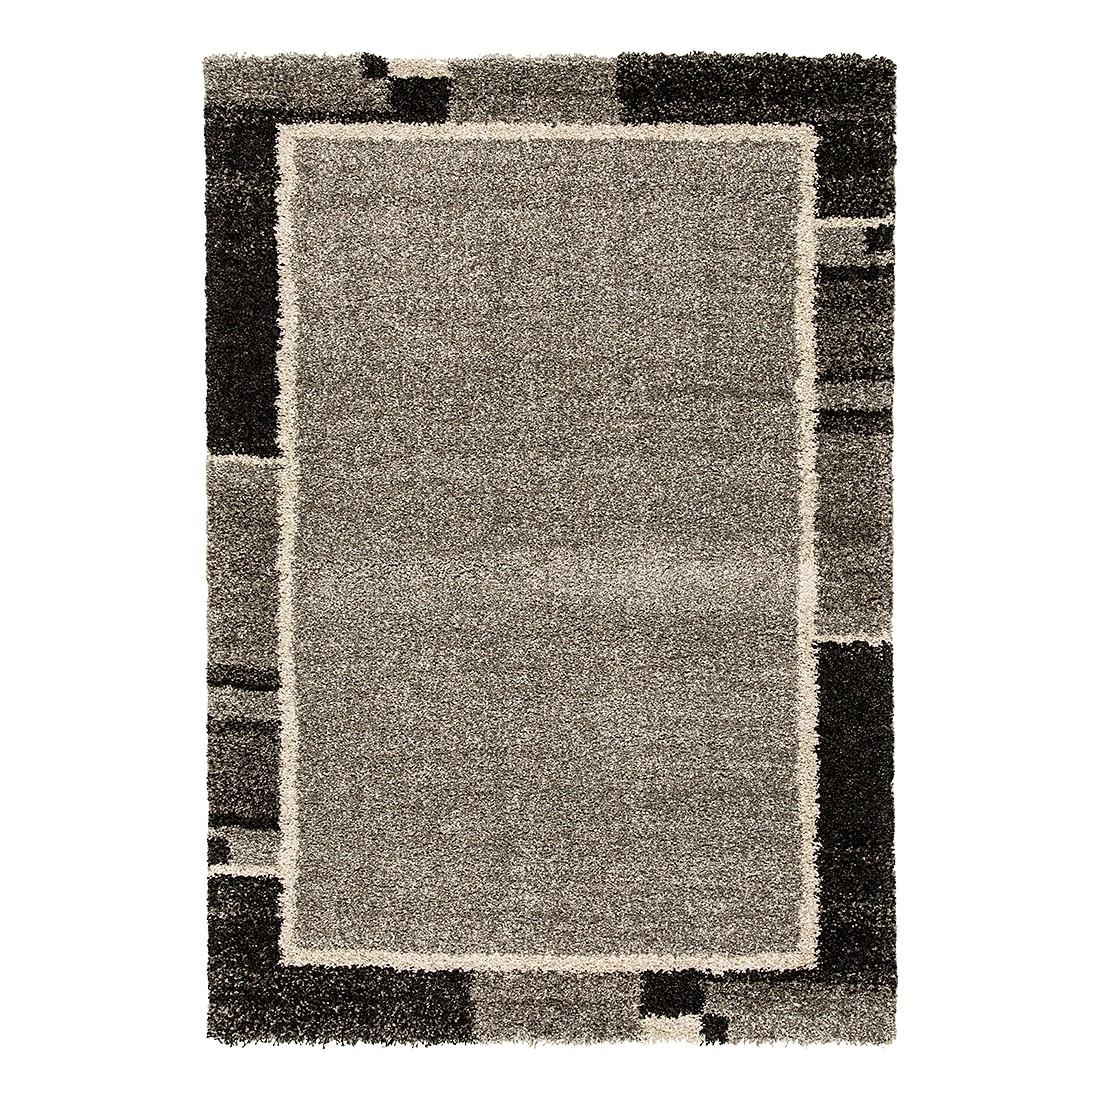 Home 24 - Tapis design tissé gris - fibre spéciale synthétique fine 3 - 140 cm x 200 cm, home24 deko